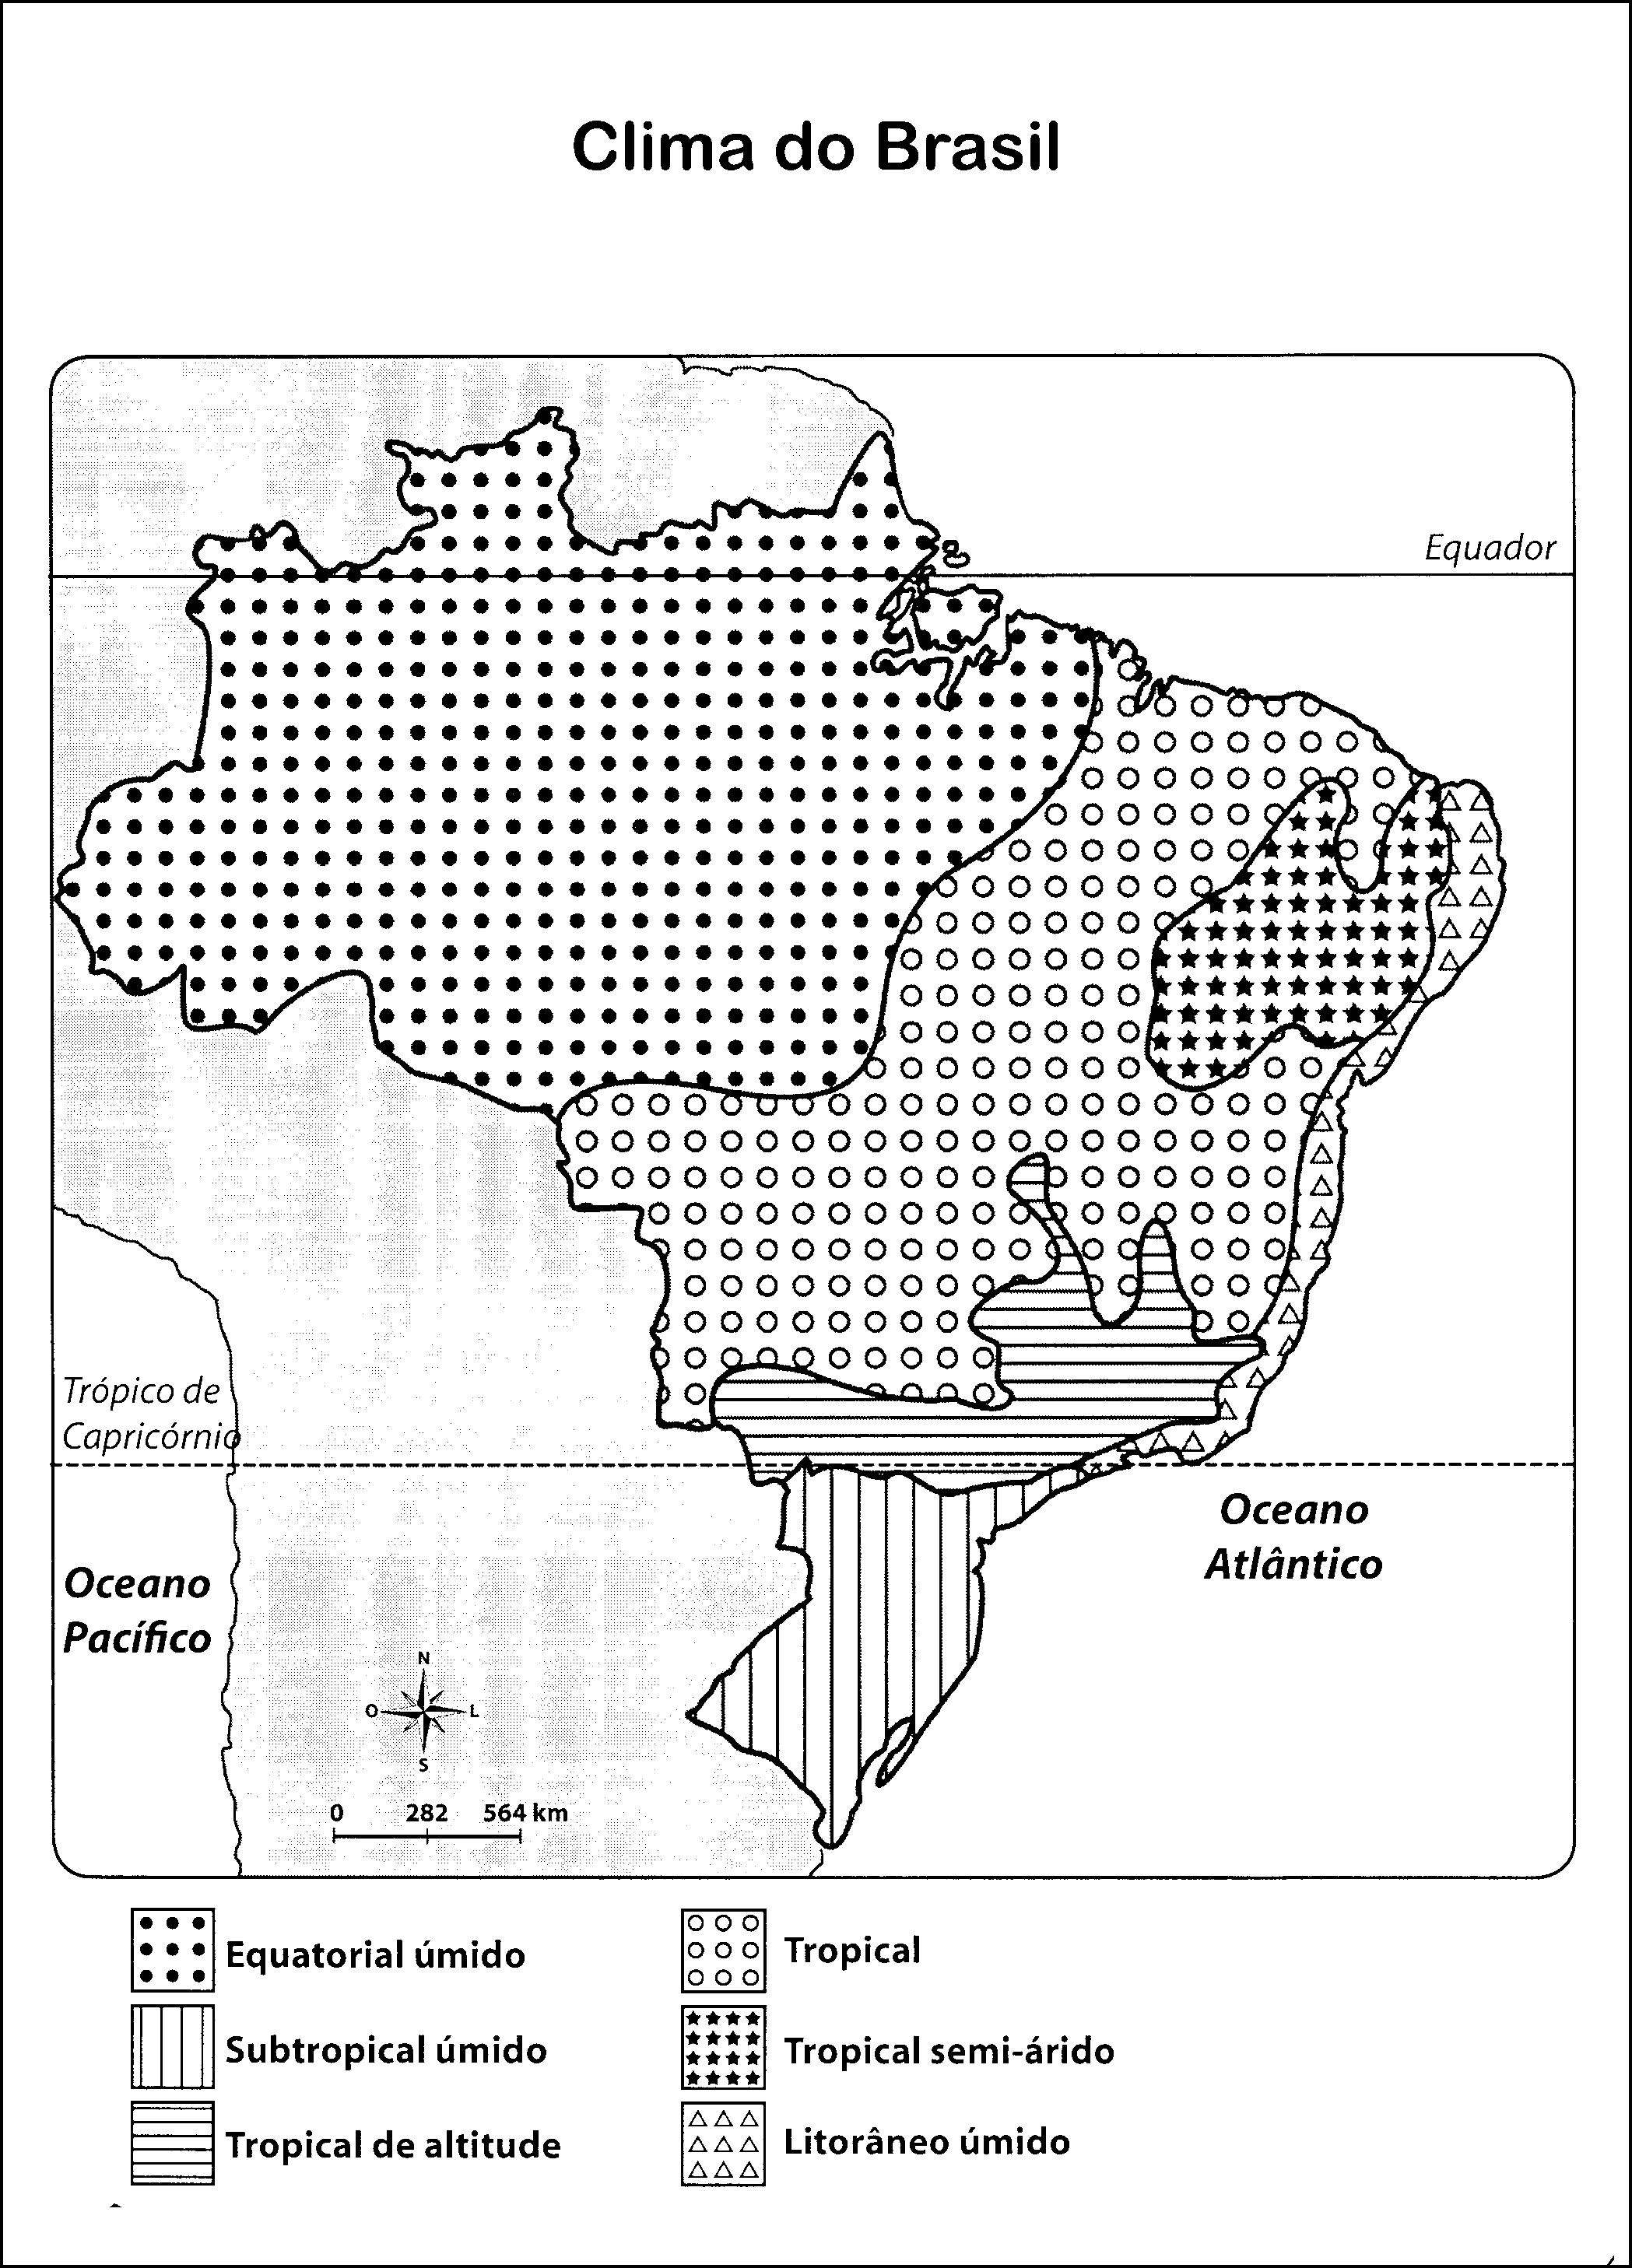 Mapa do clima do Brasil para colorir